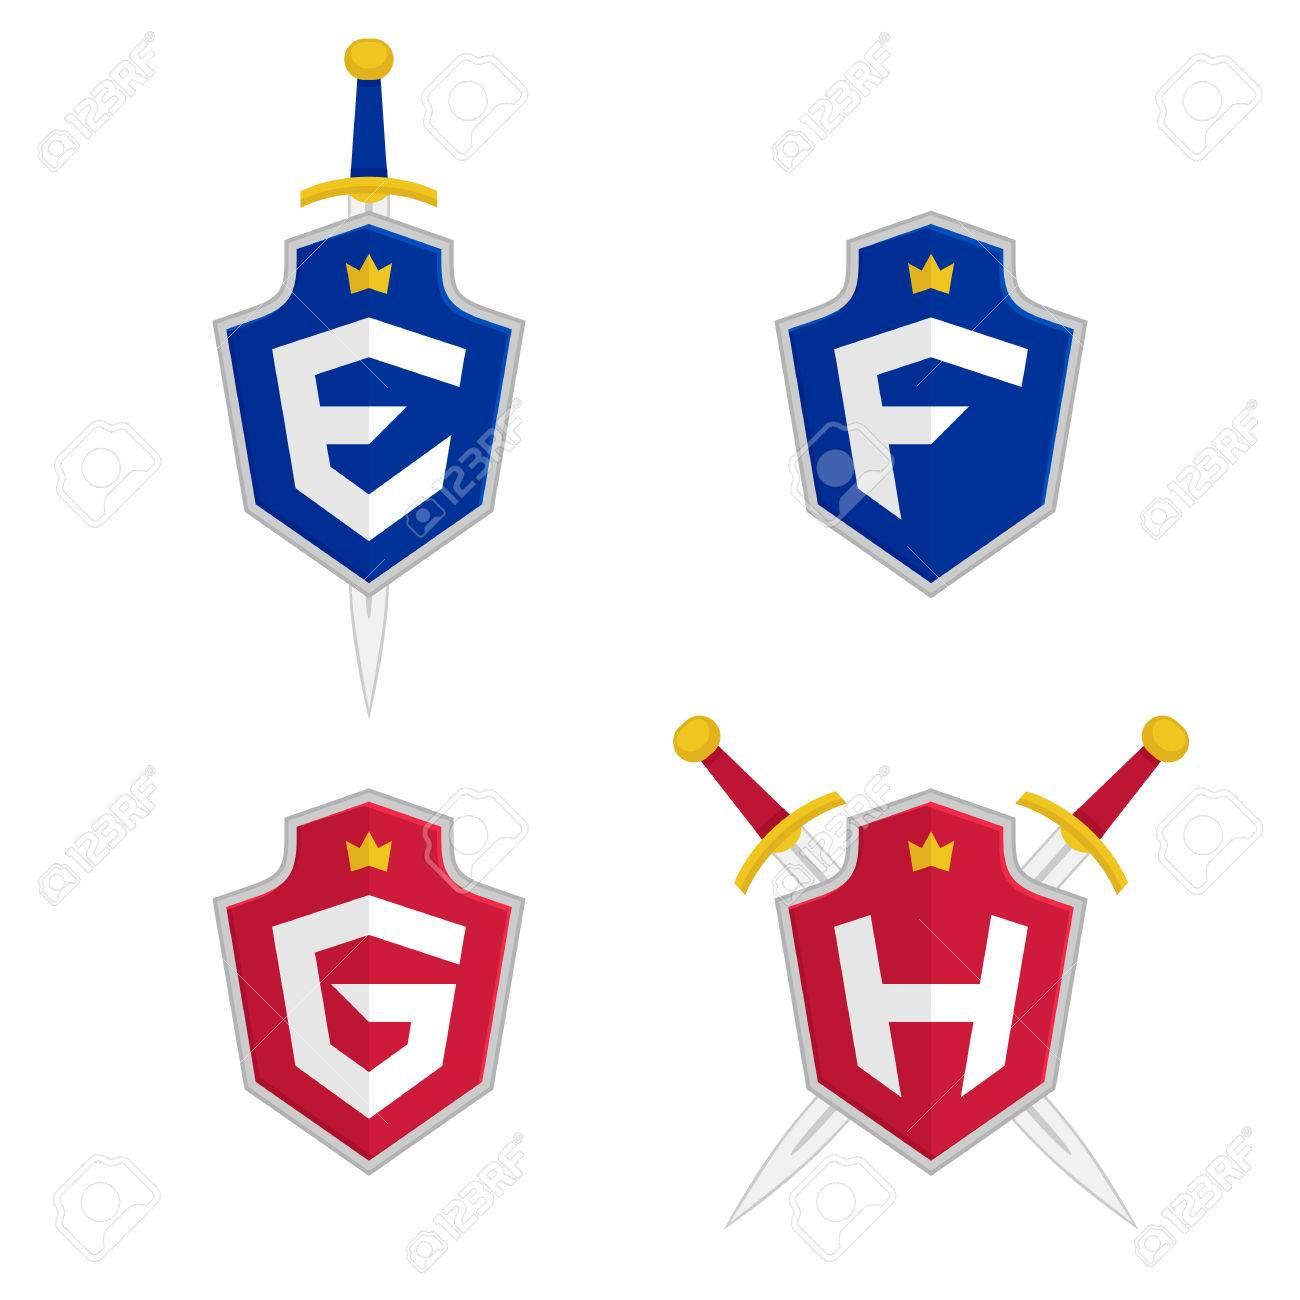 Letter e f g h vector logo templates letter logo with shield letter e f g h vector logo templates letter logo with shield spiritdancerdesigns Choice Image